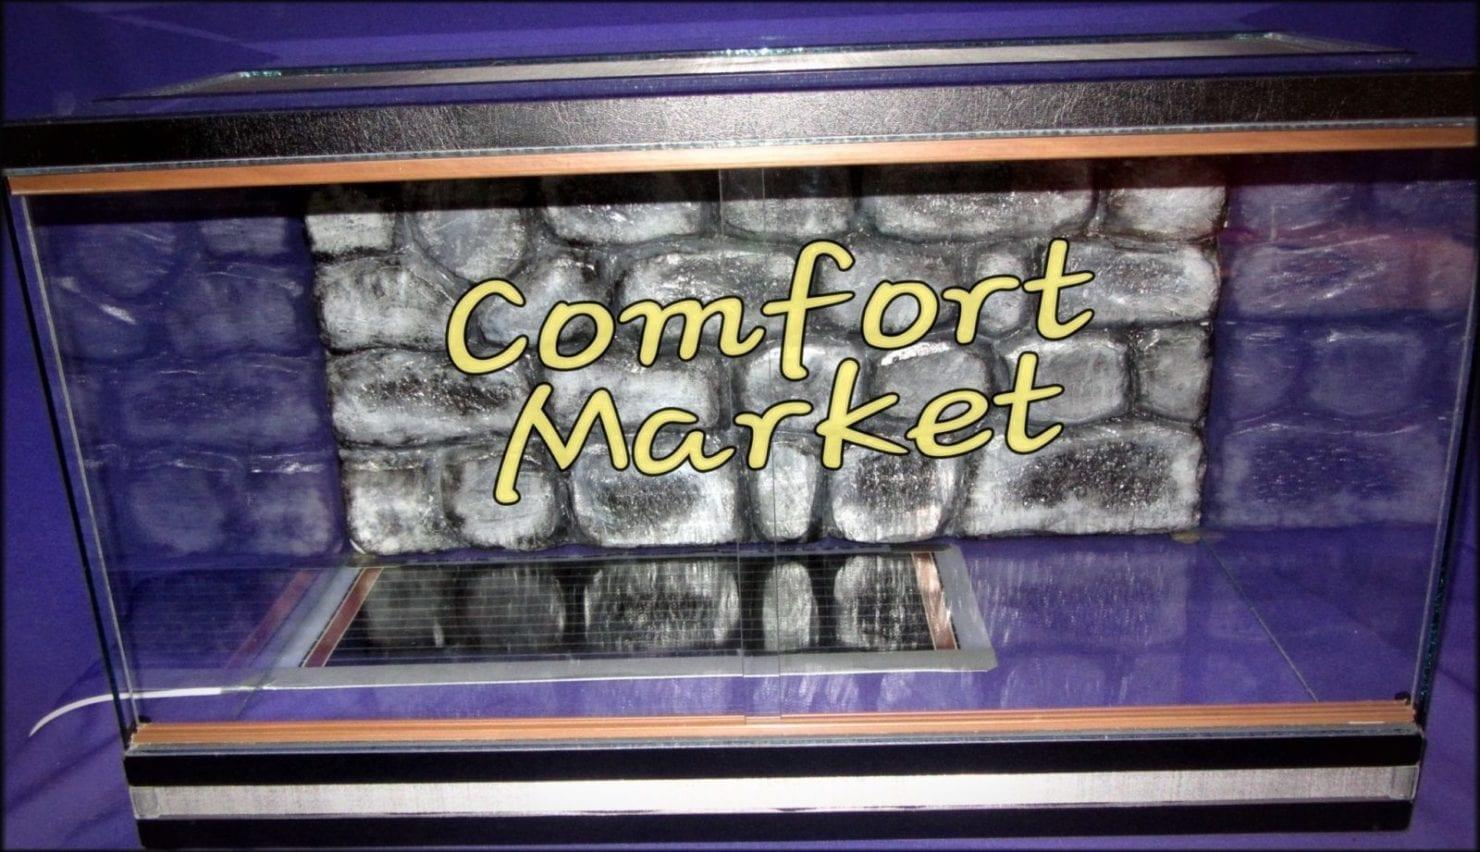 Как обогреть террариум - теплый коврик от Comfort Market